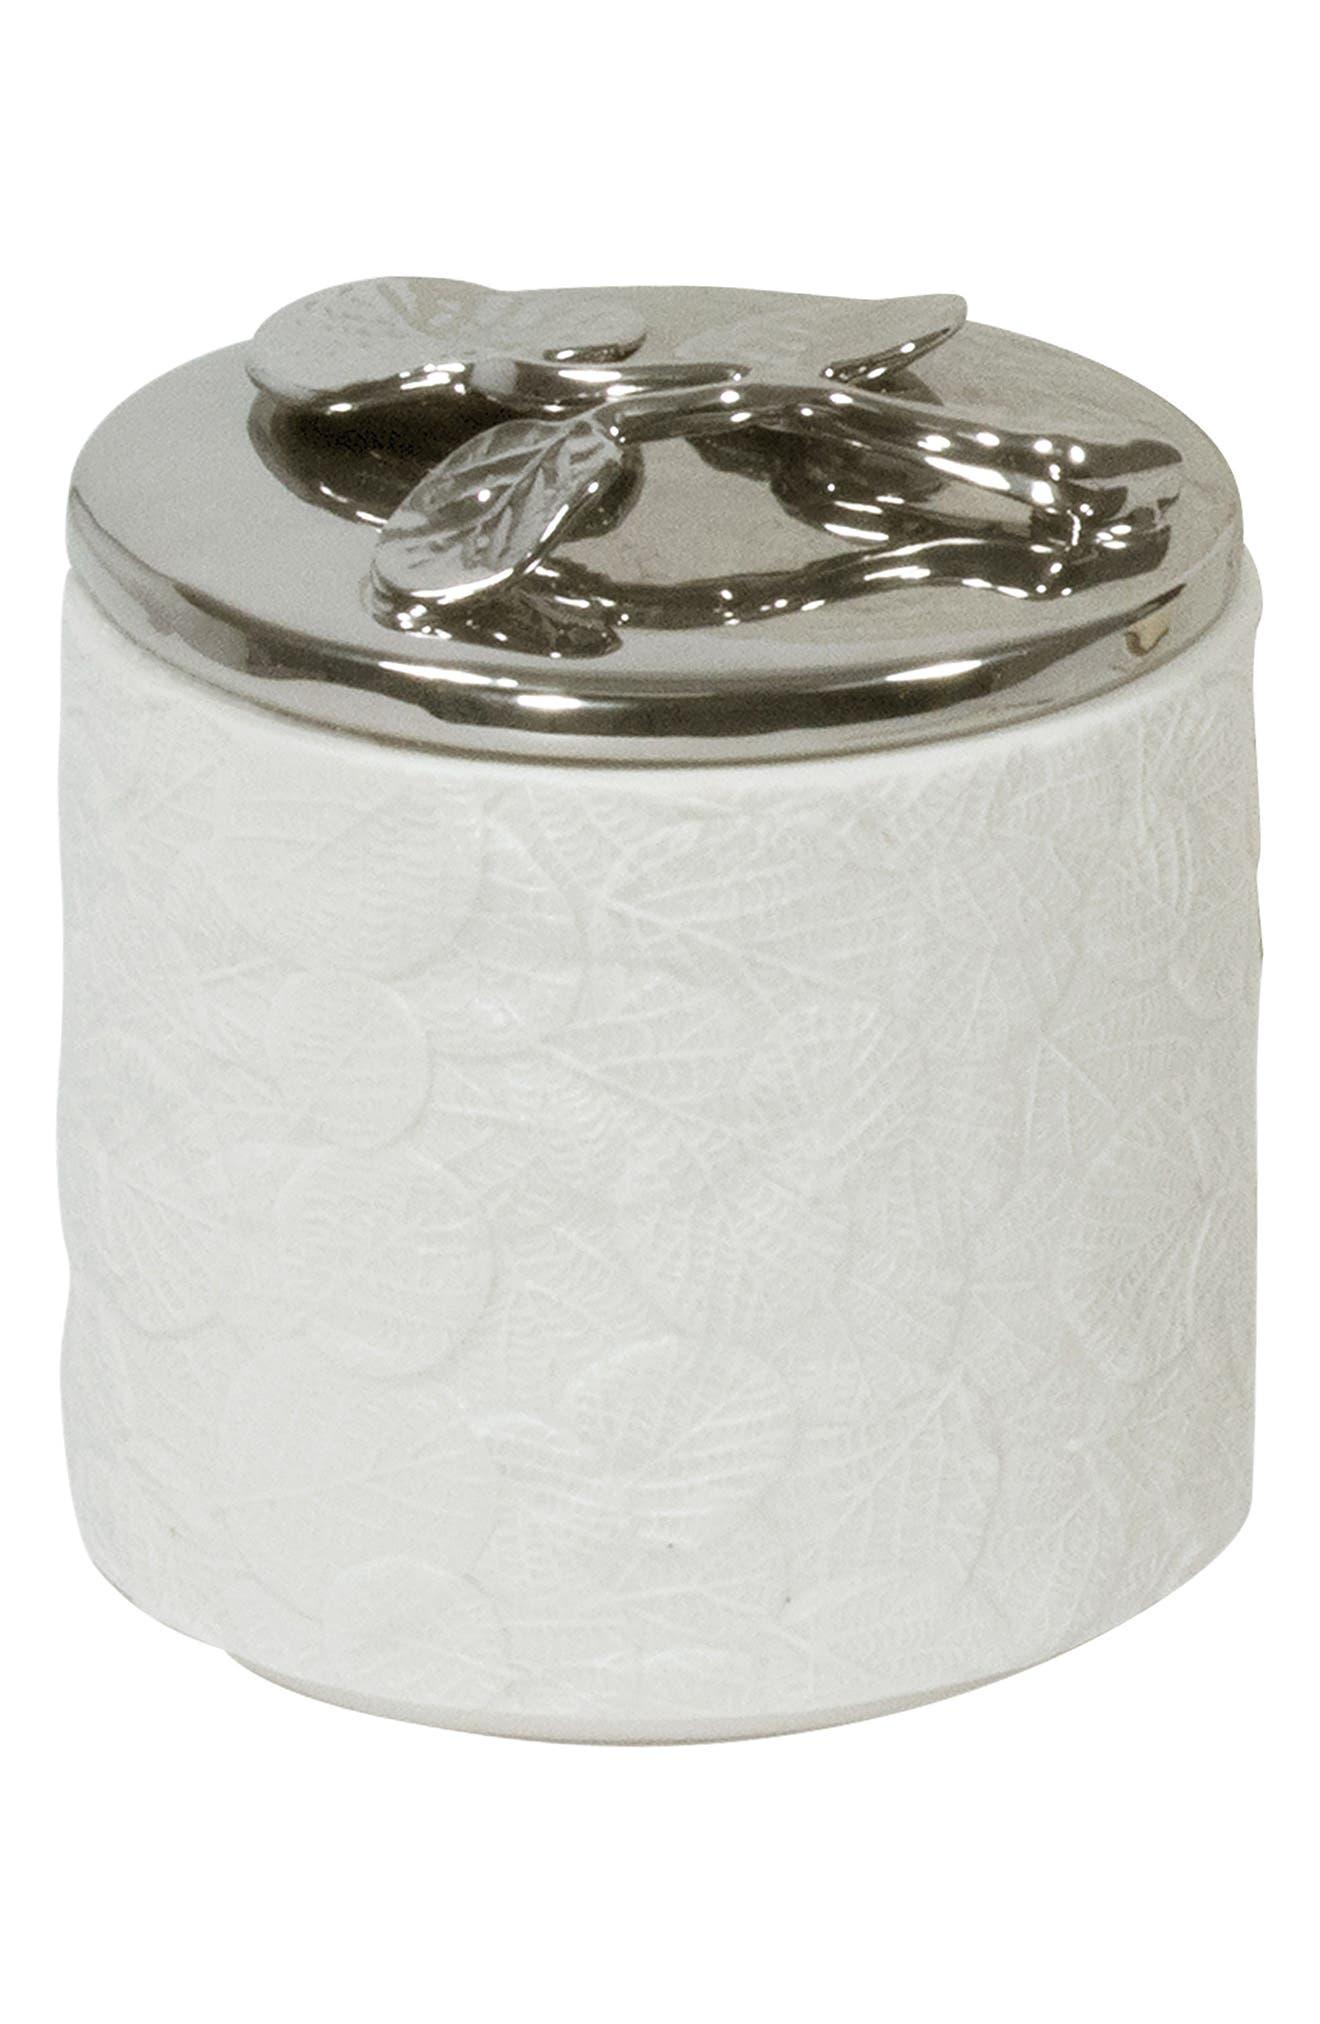 Botanical Leaf Porcelain Jar,                         Main,                         color, White